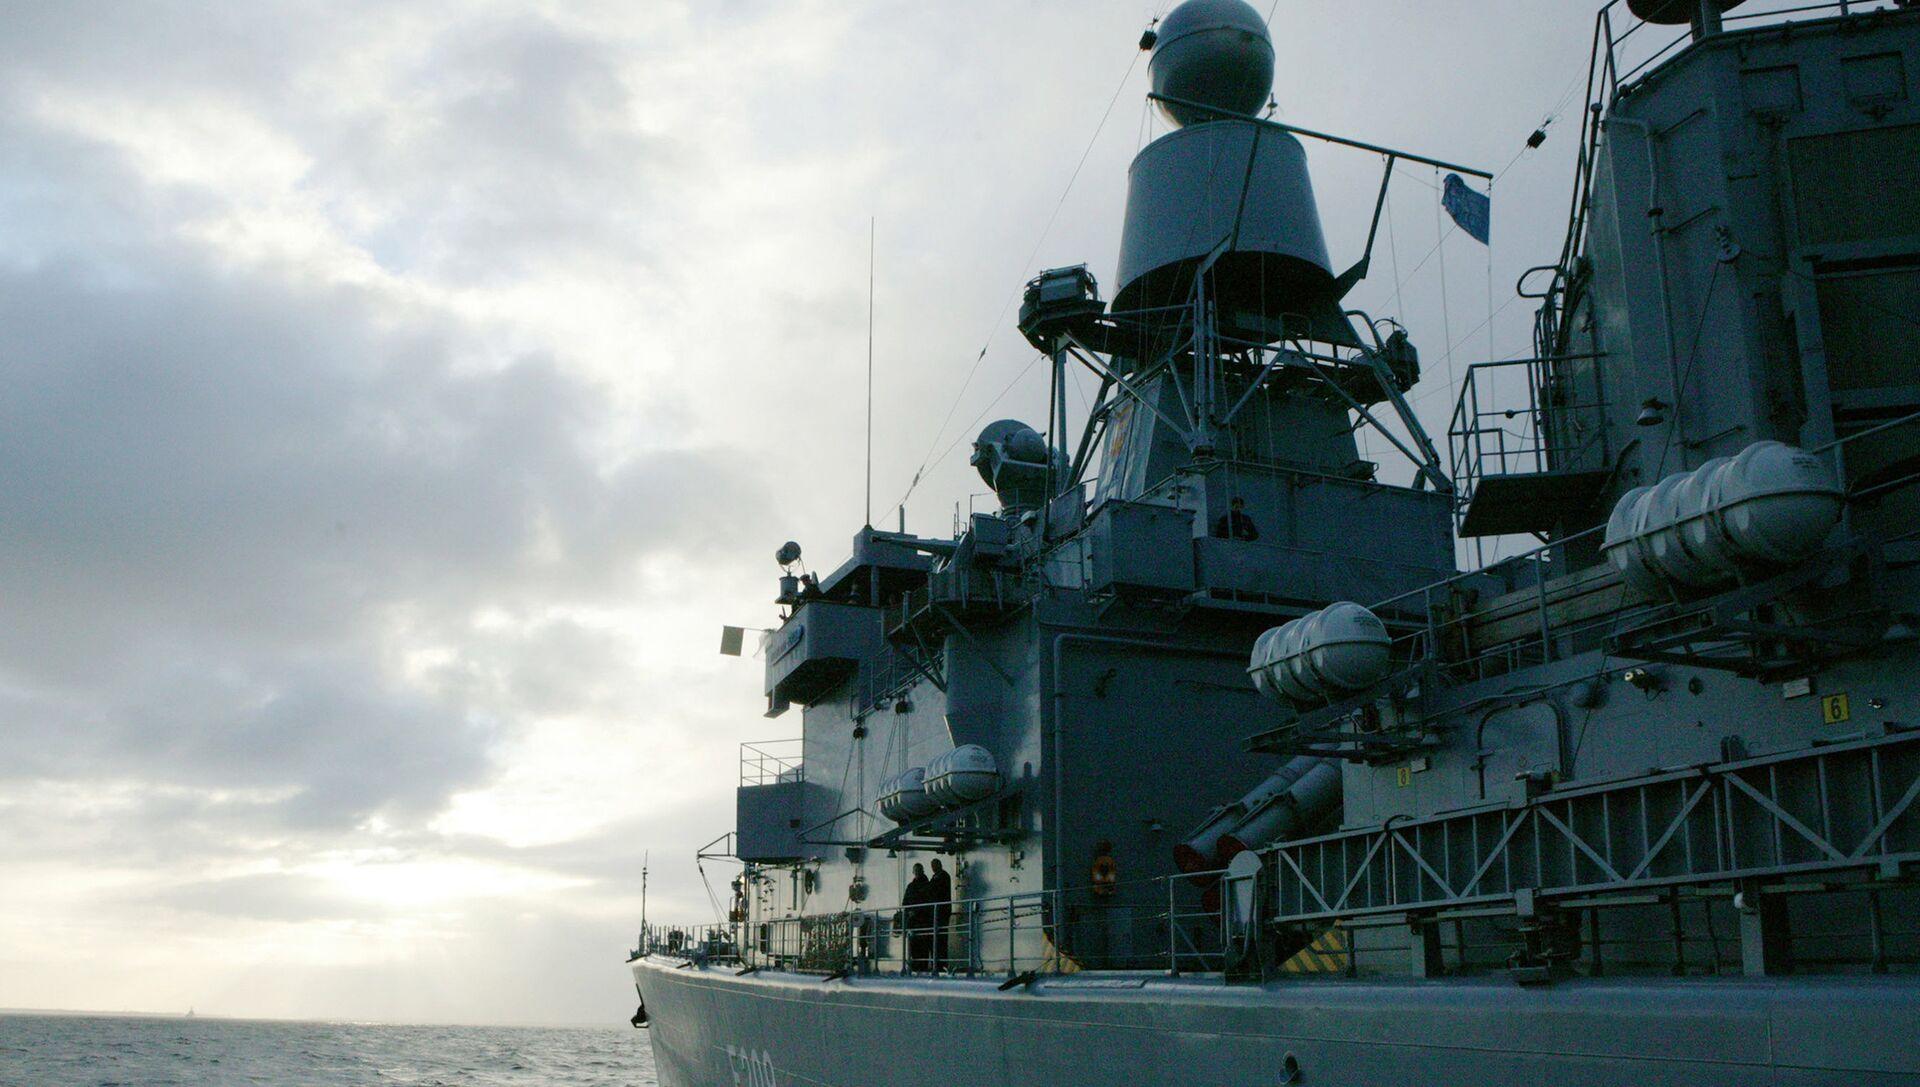 Боевые корабли НАТО совершили деловой заход в порт Балтийска - РИА Новости, 1920, 12.04.2021